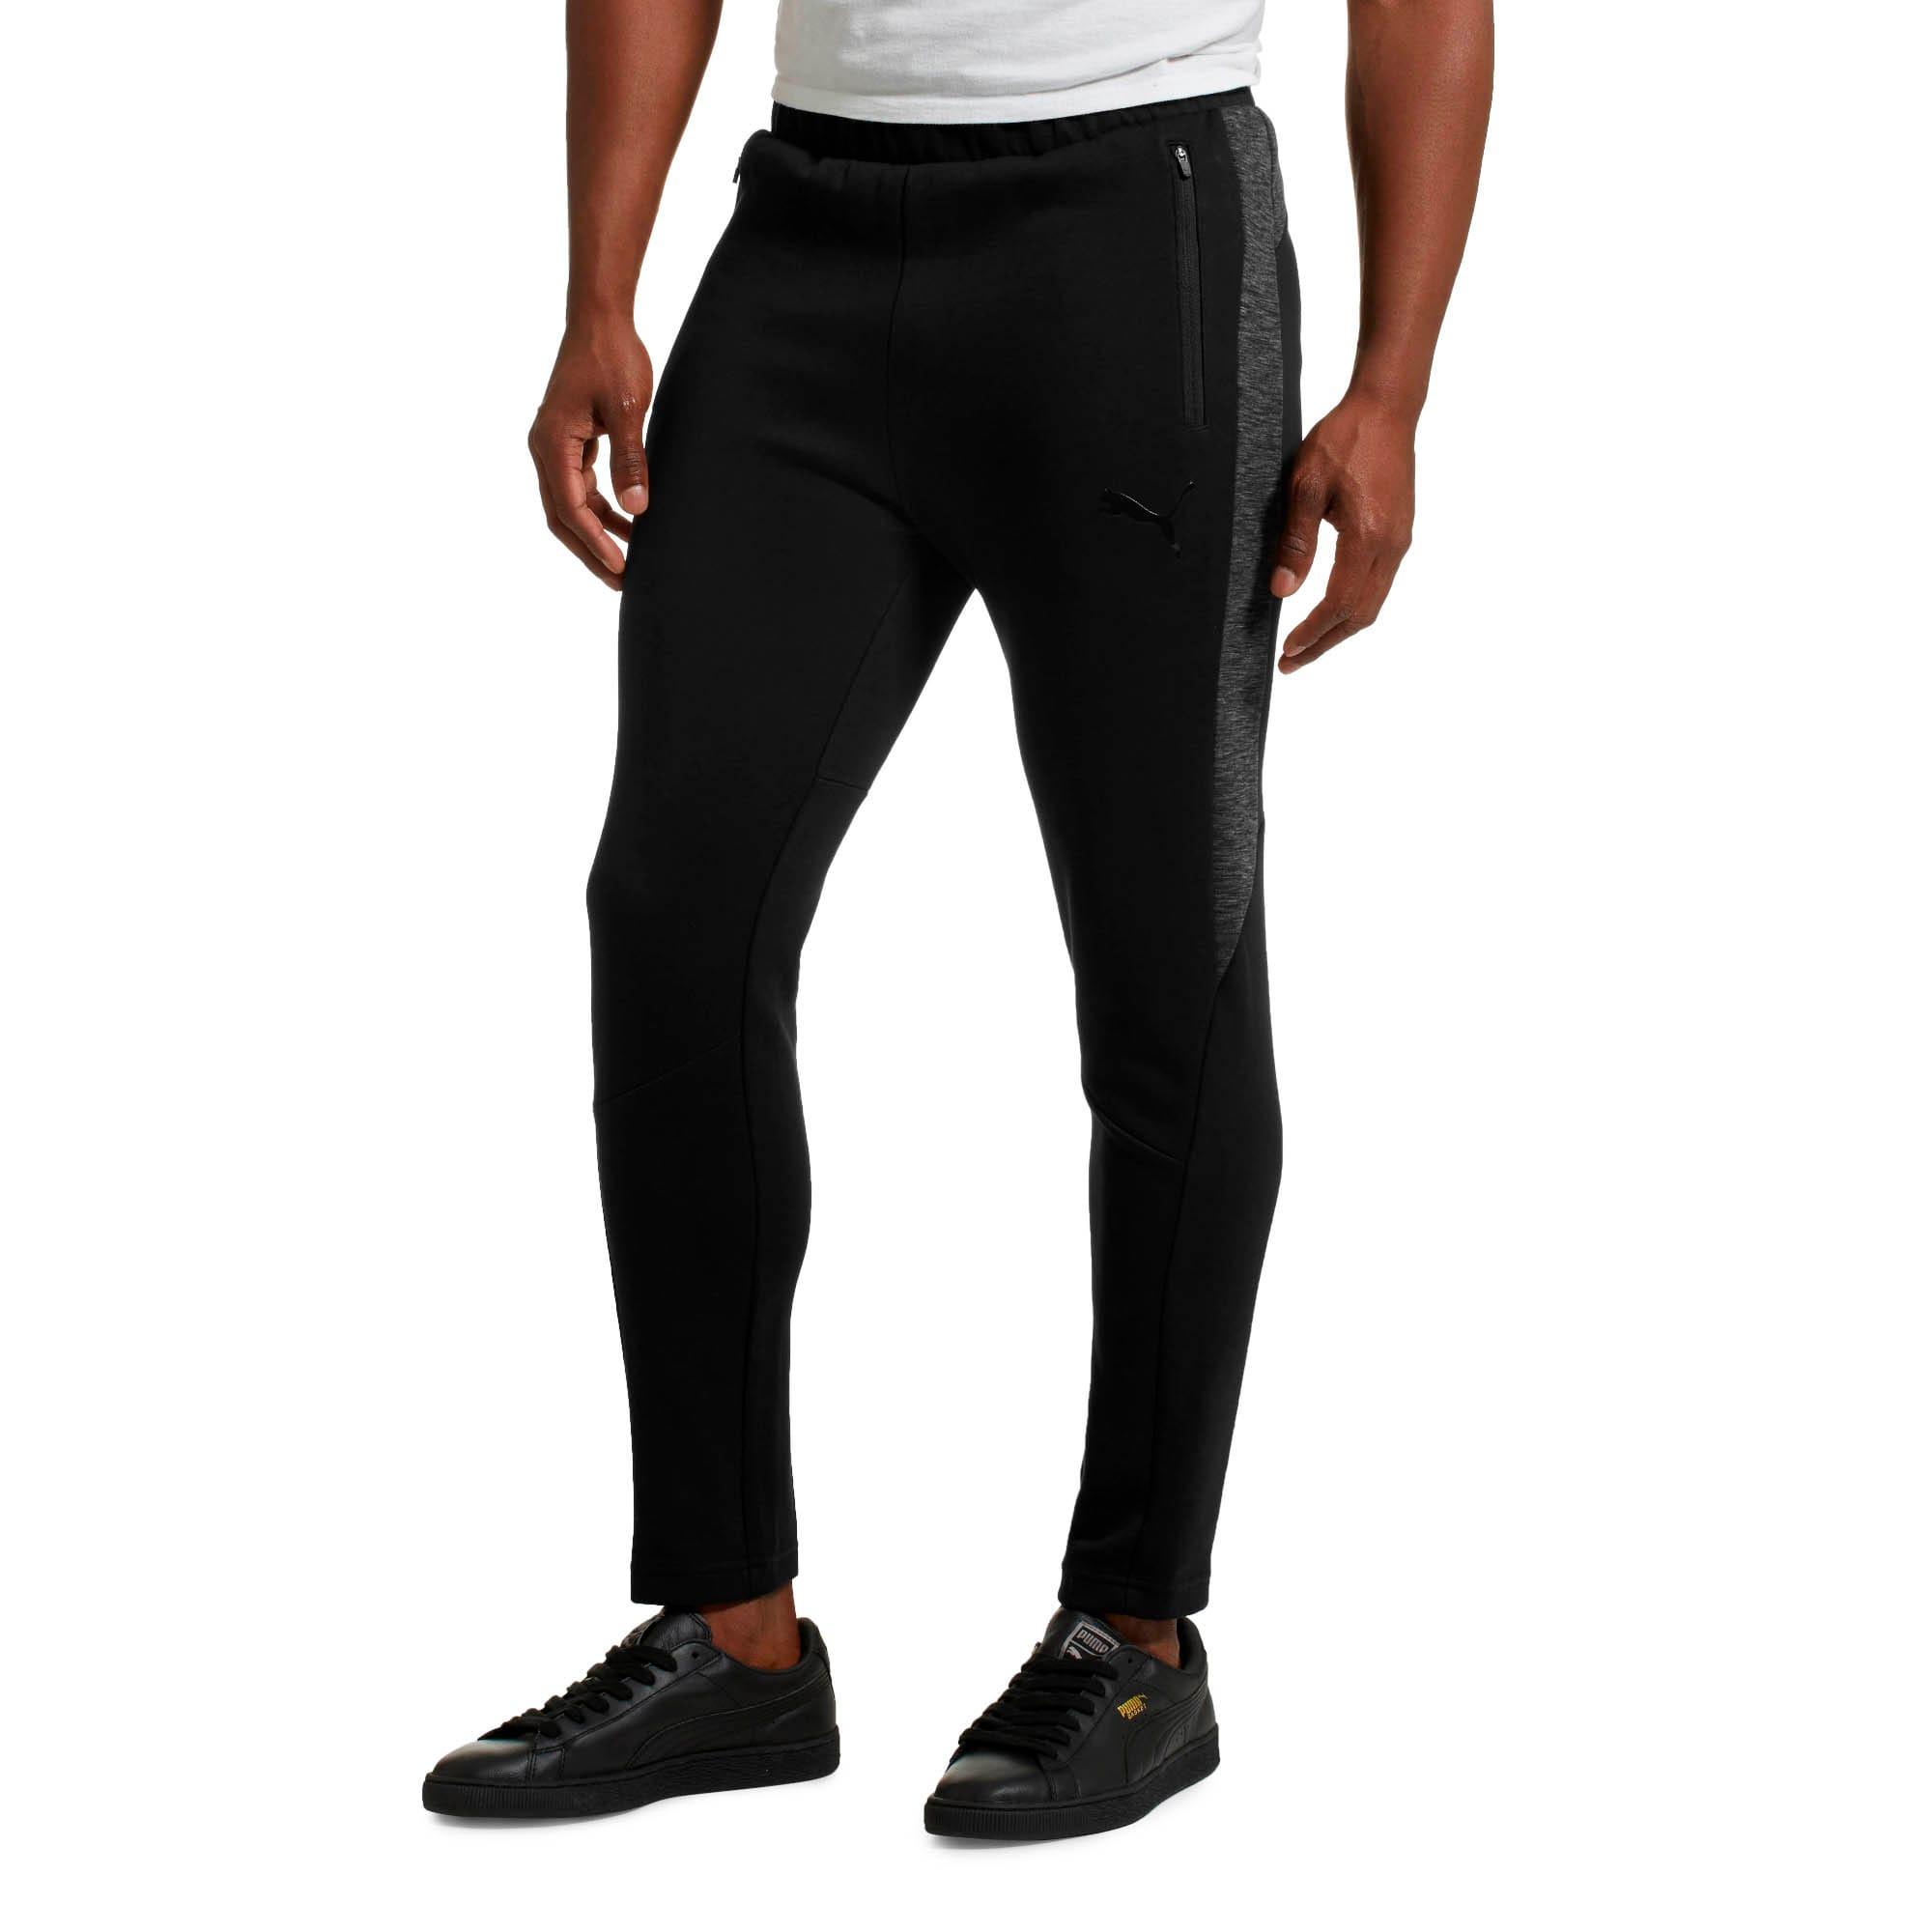 Thumbnail 2 of Evostripe Men's Pants, Cotton Black, medium